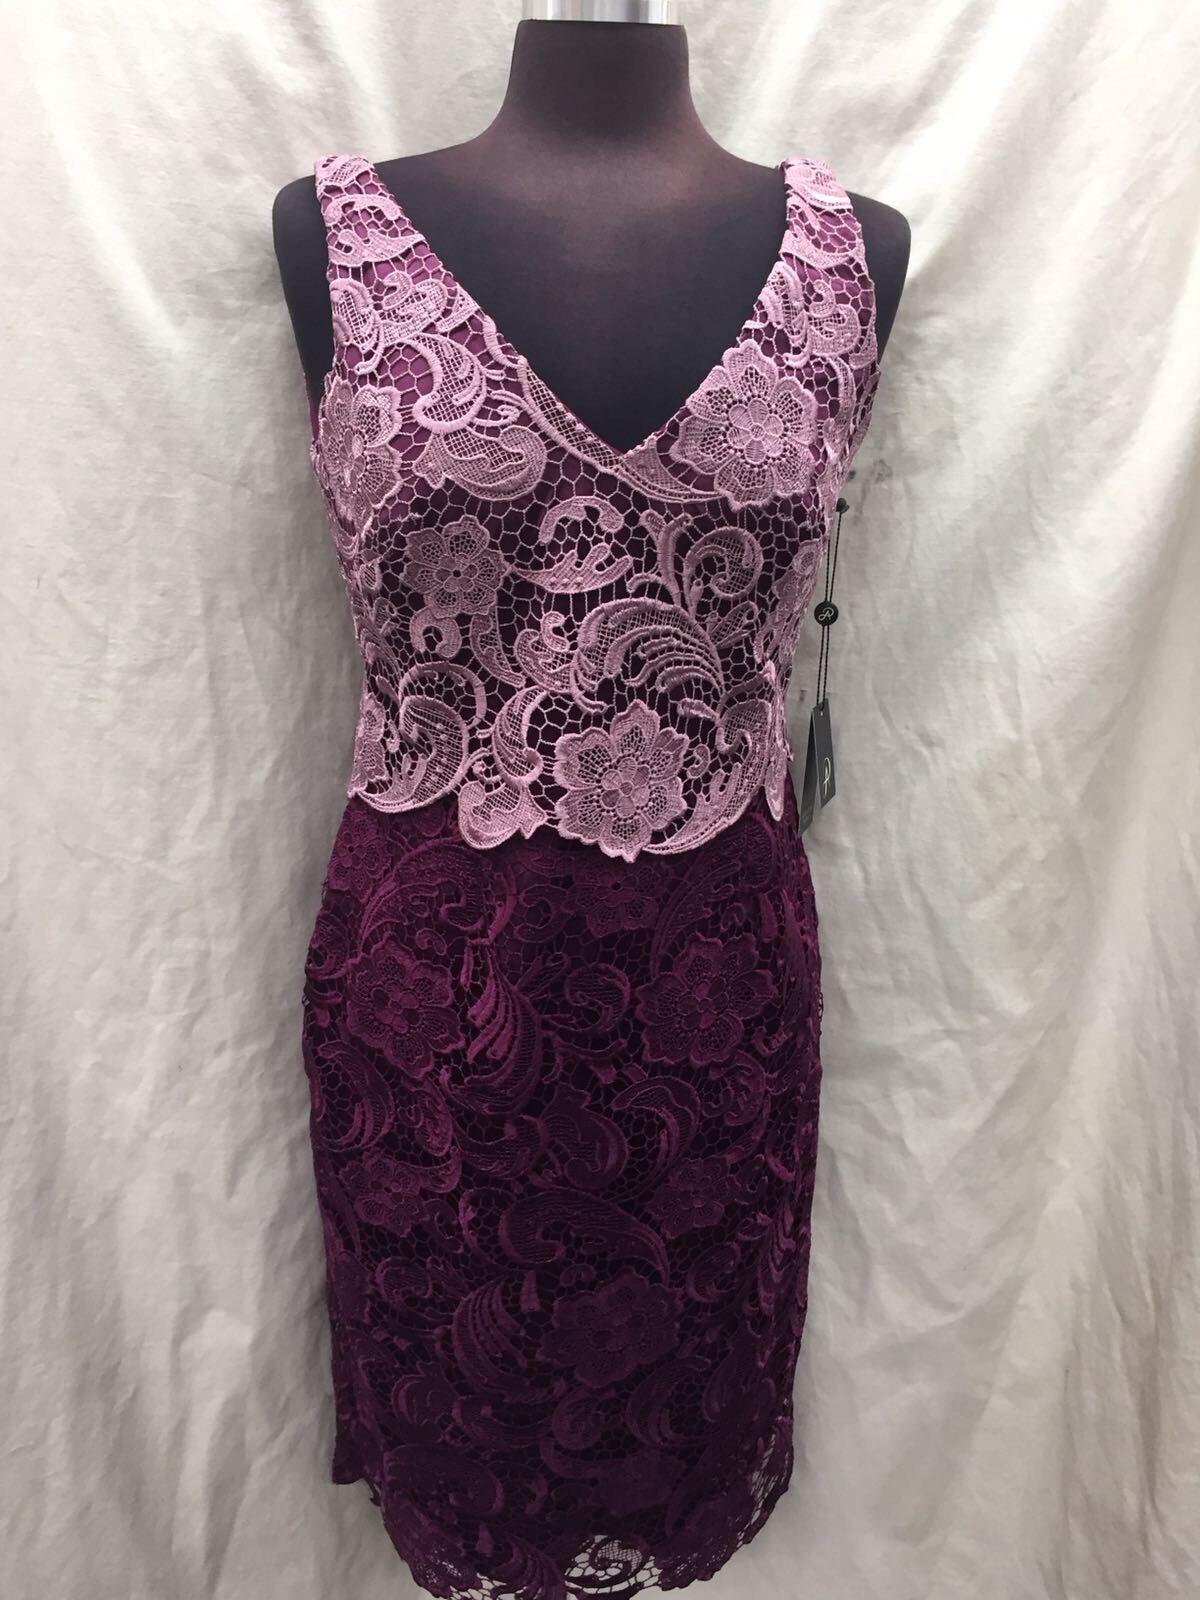 Adrianna Papell Kleid   Neu mit Etikett   Größe 4   Einzelhandel Kleid   Spitze | Sale Online Shop  | Große Auswahl  | Qualität Produkte